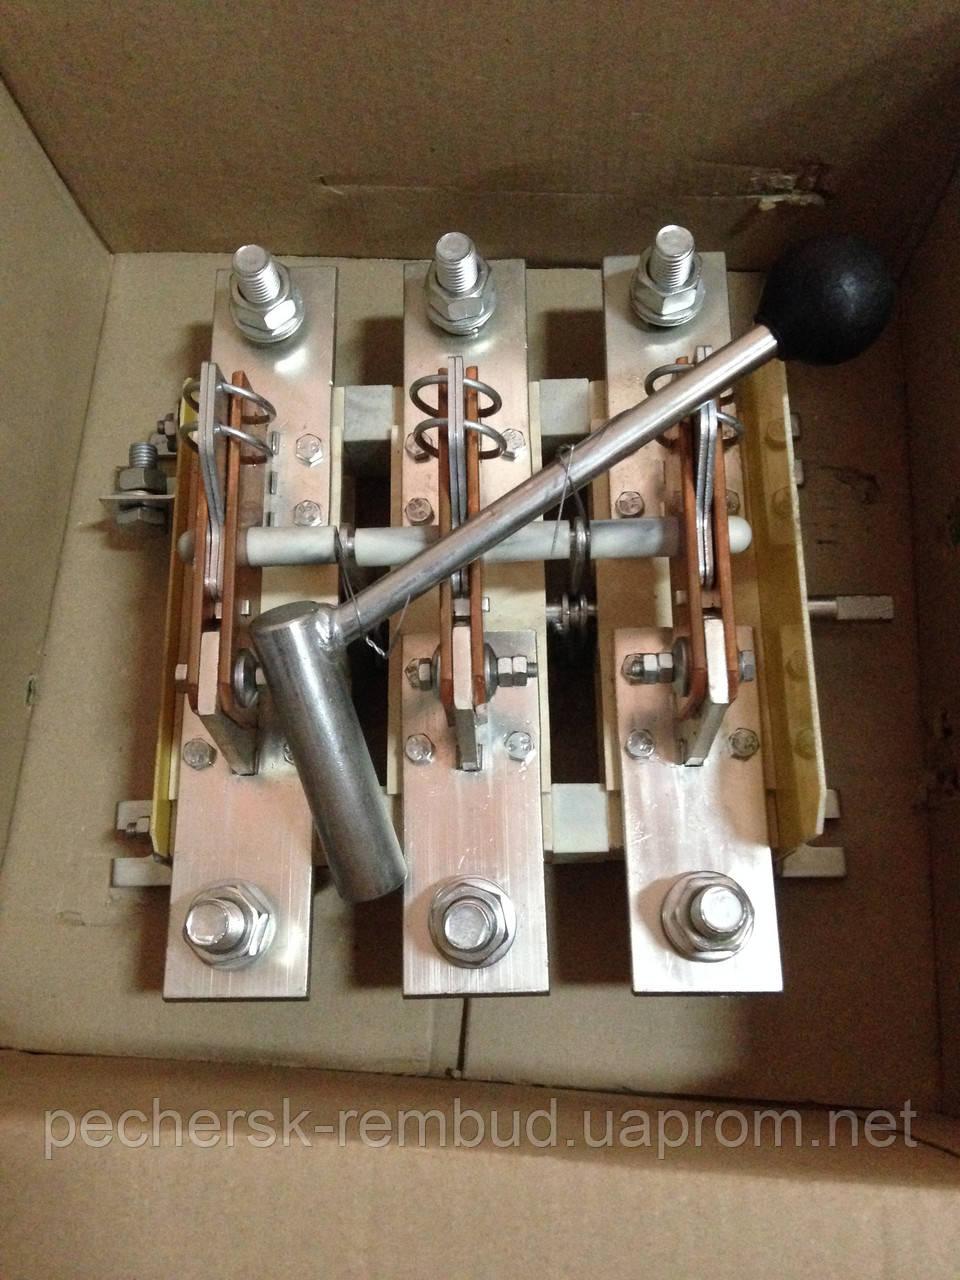 Рубильник 3п РЕ 1931 311500 100А с боковой правой смщенной рукояткой